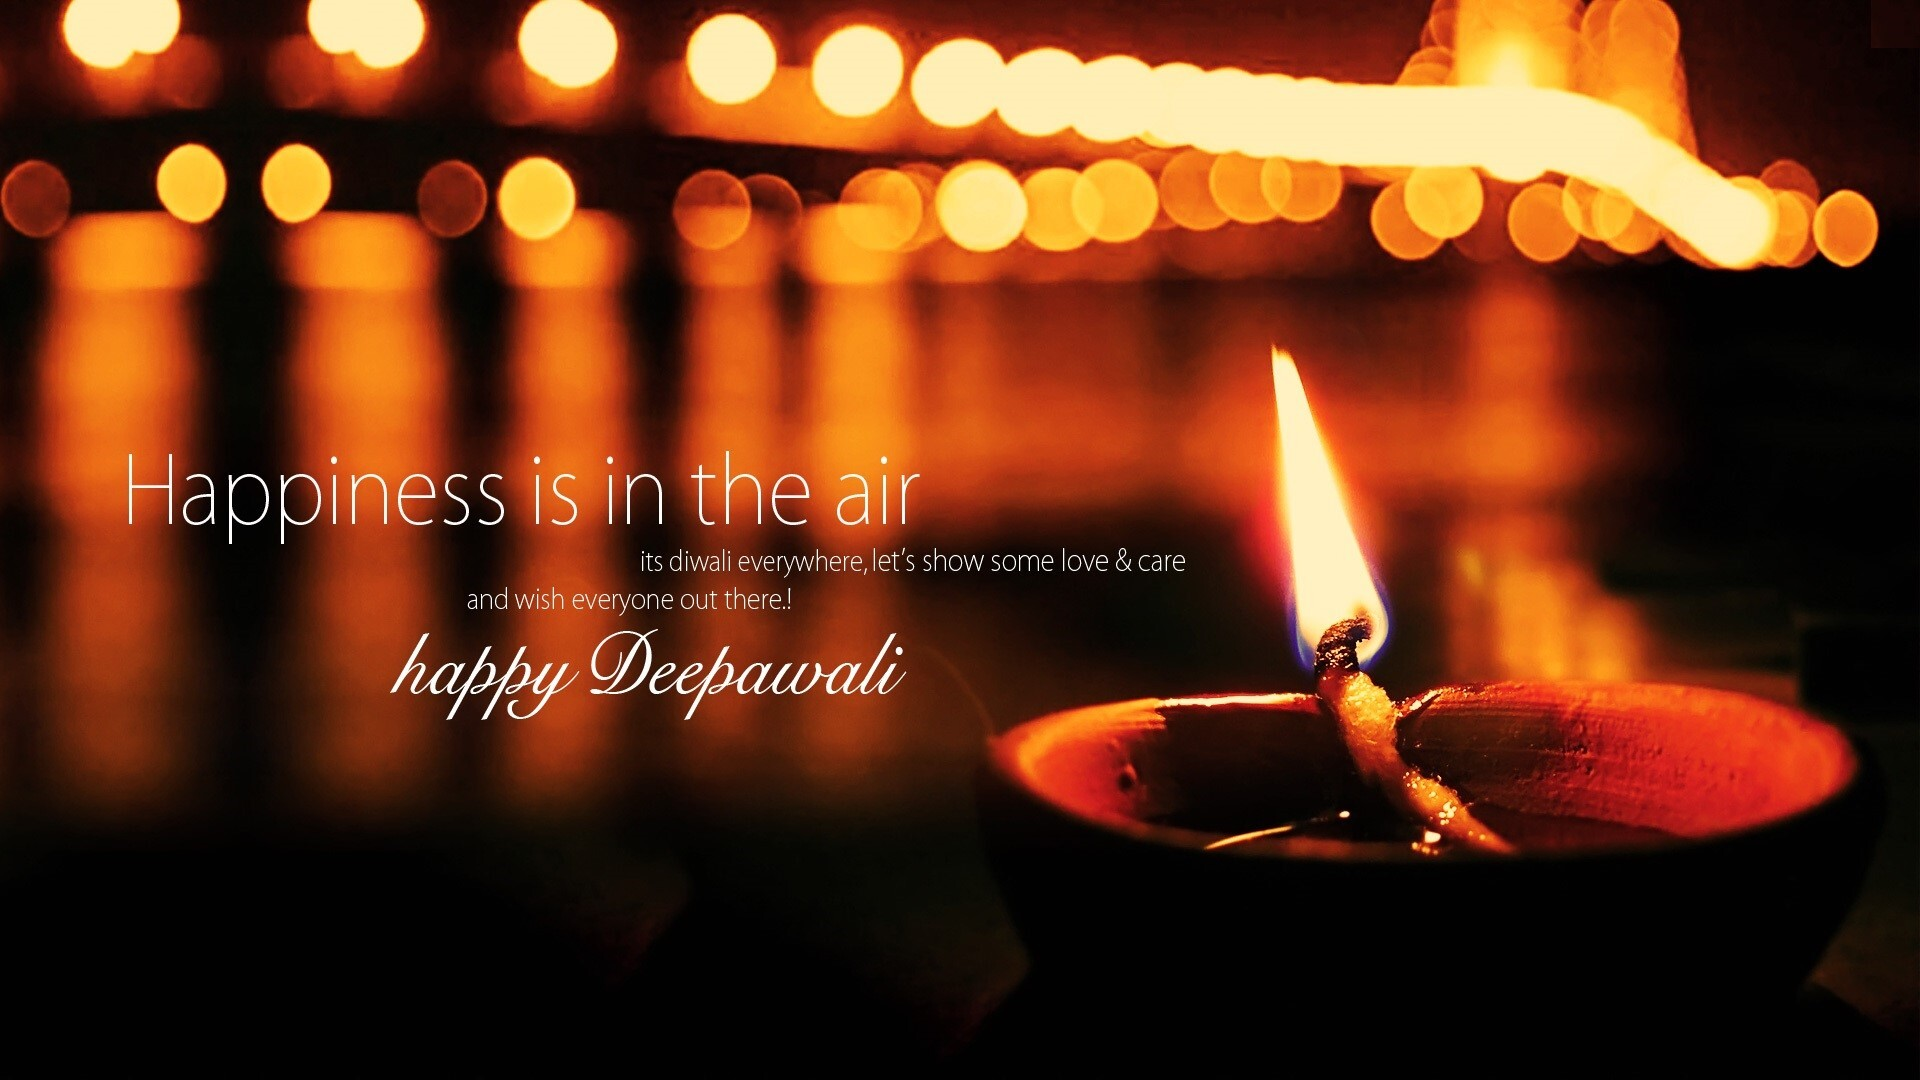 happiness wish on happy deepawali festival wallpaper | hd wallpapers